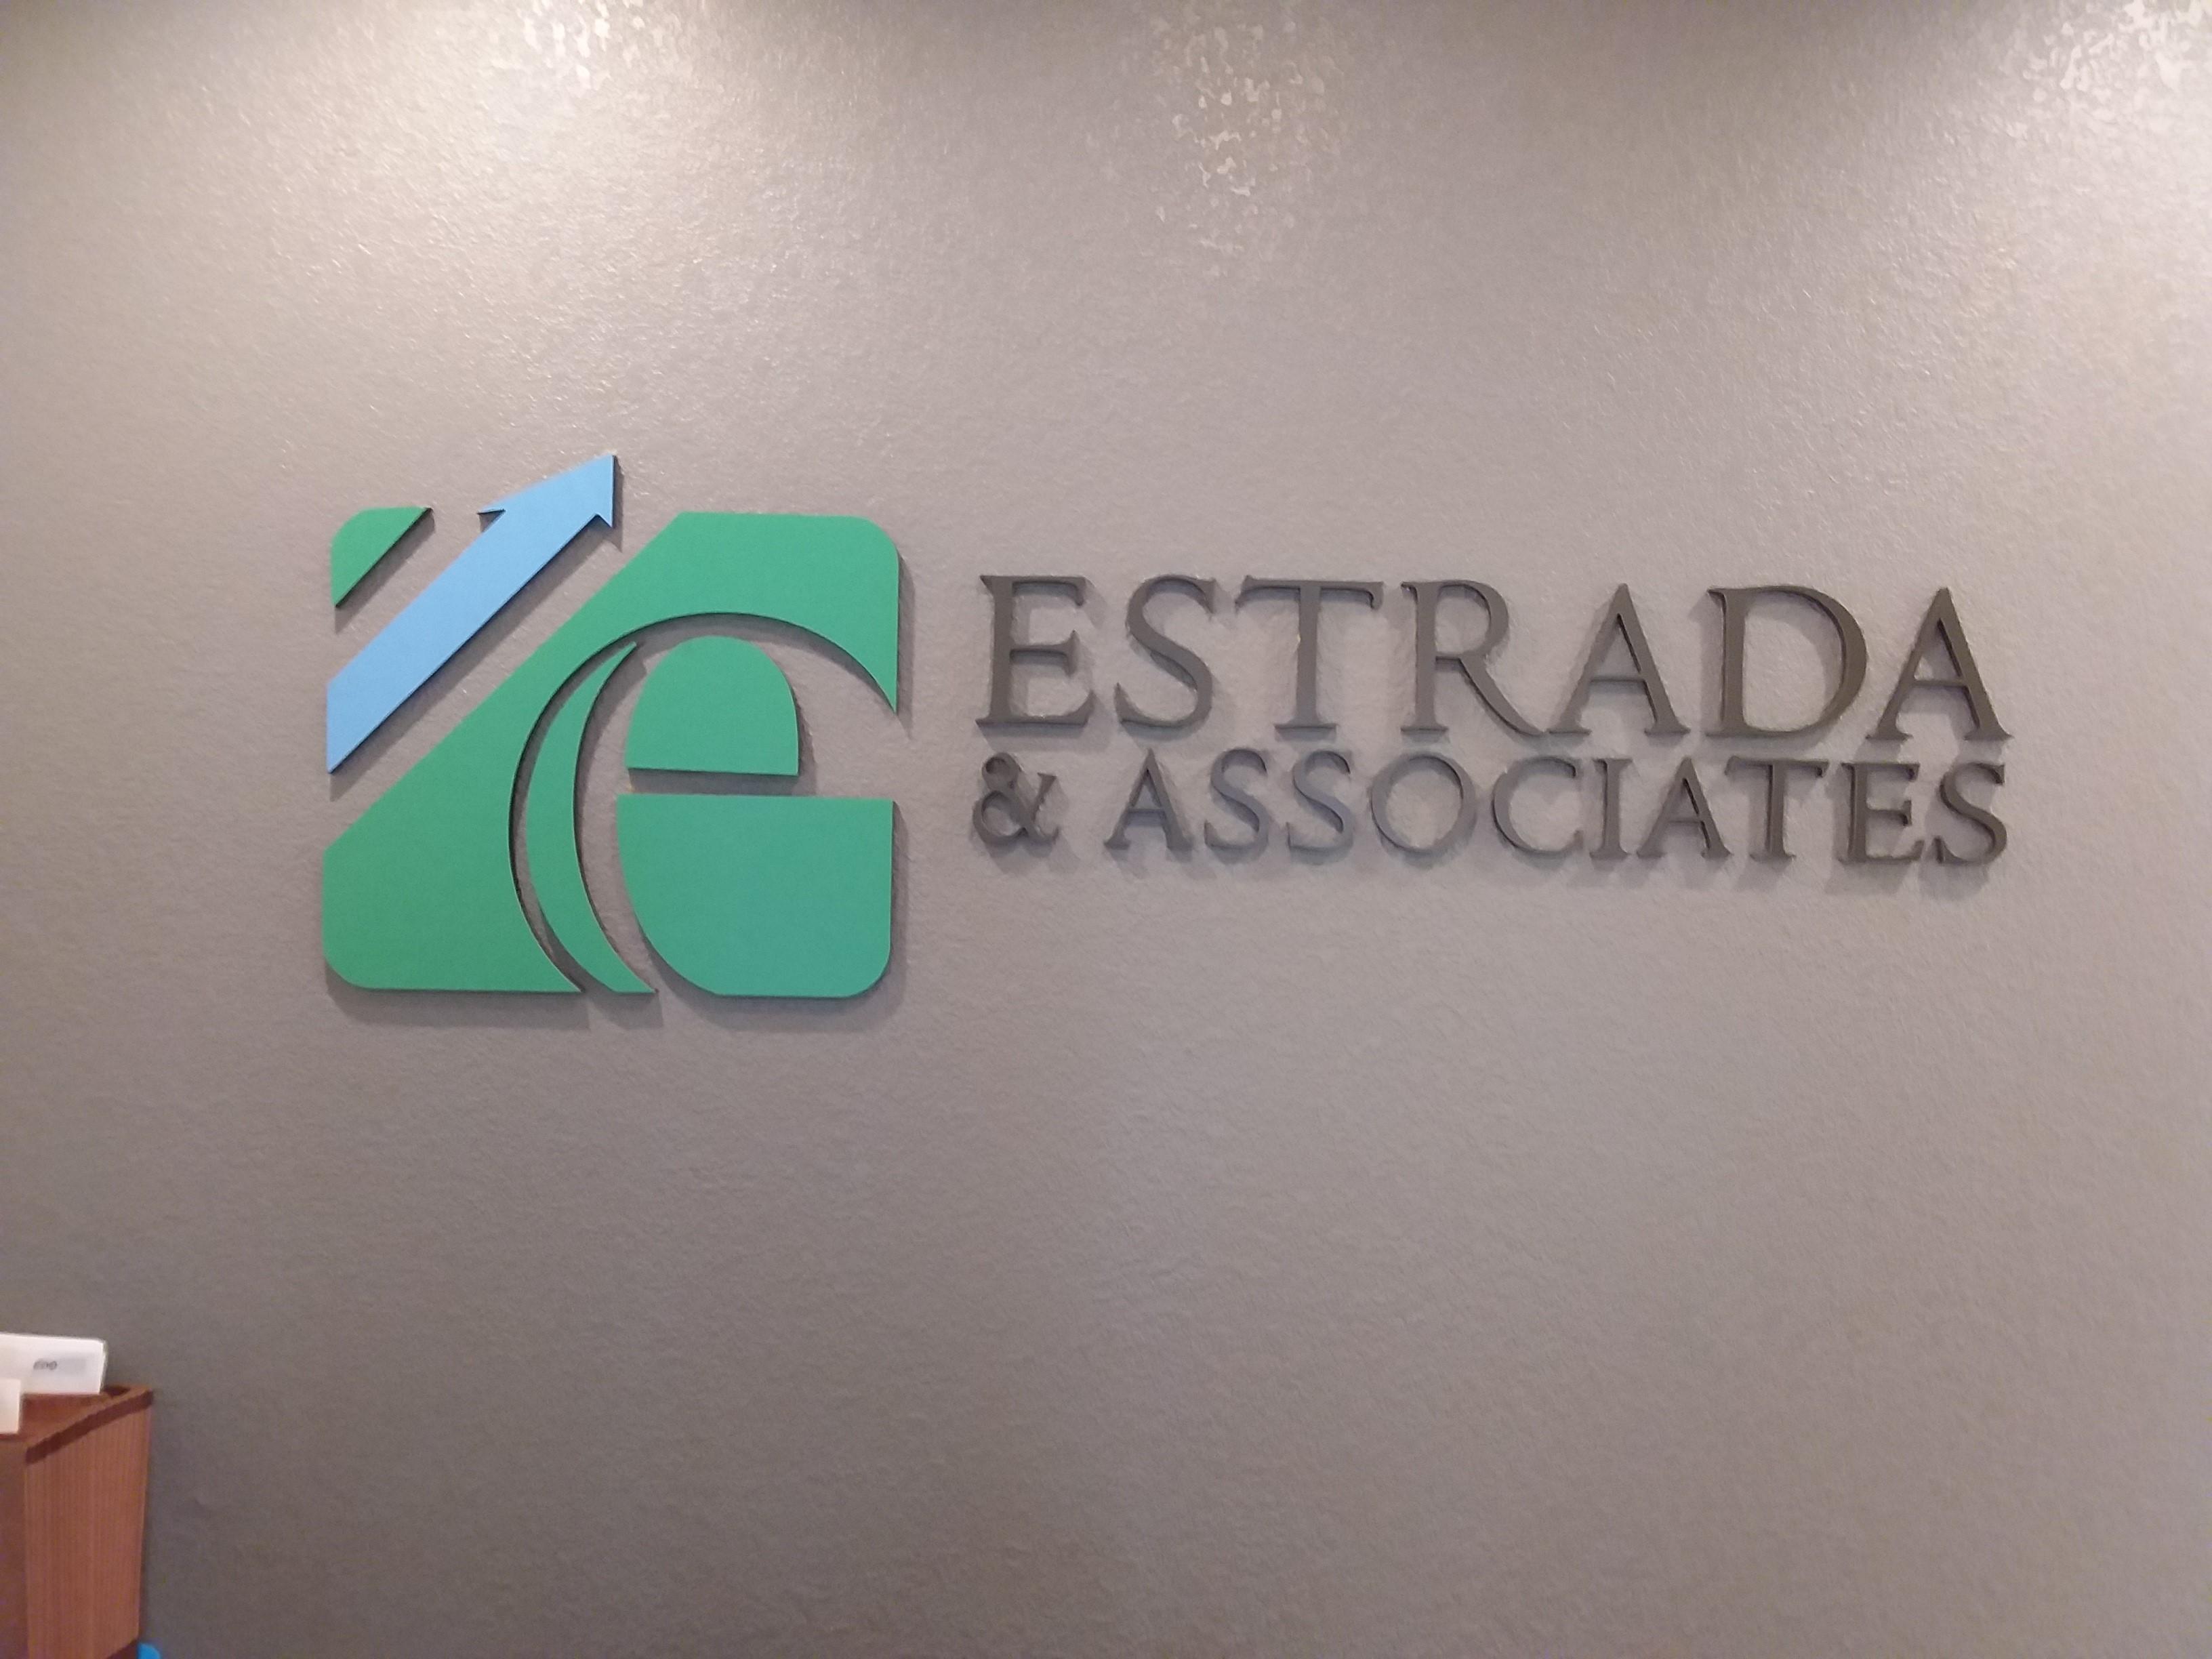 Estrada & Associates, LLC image 1